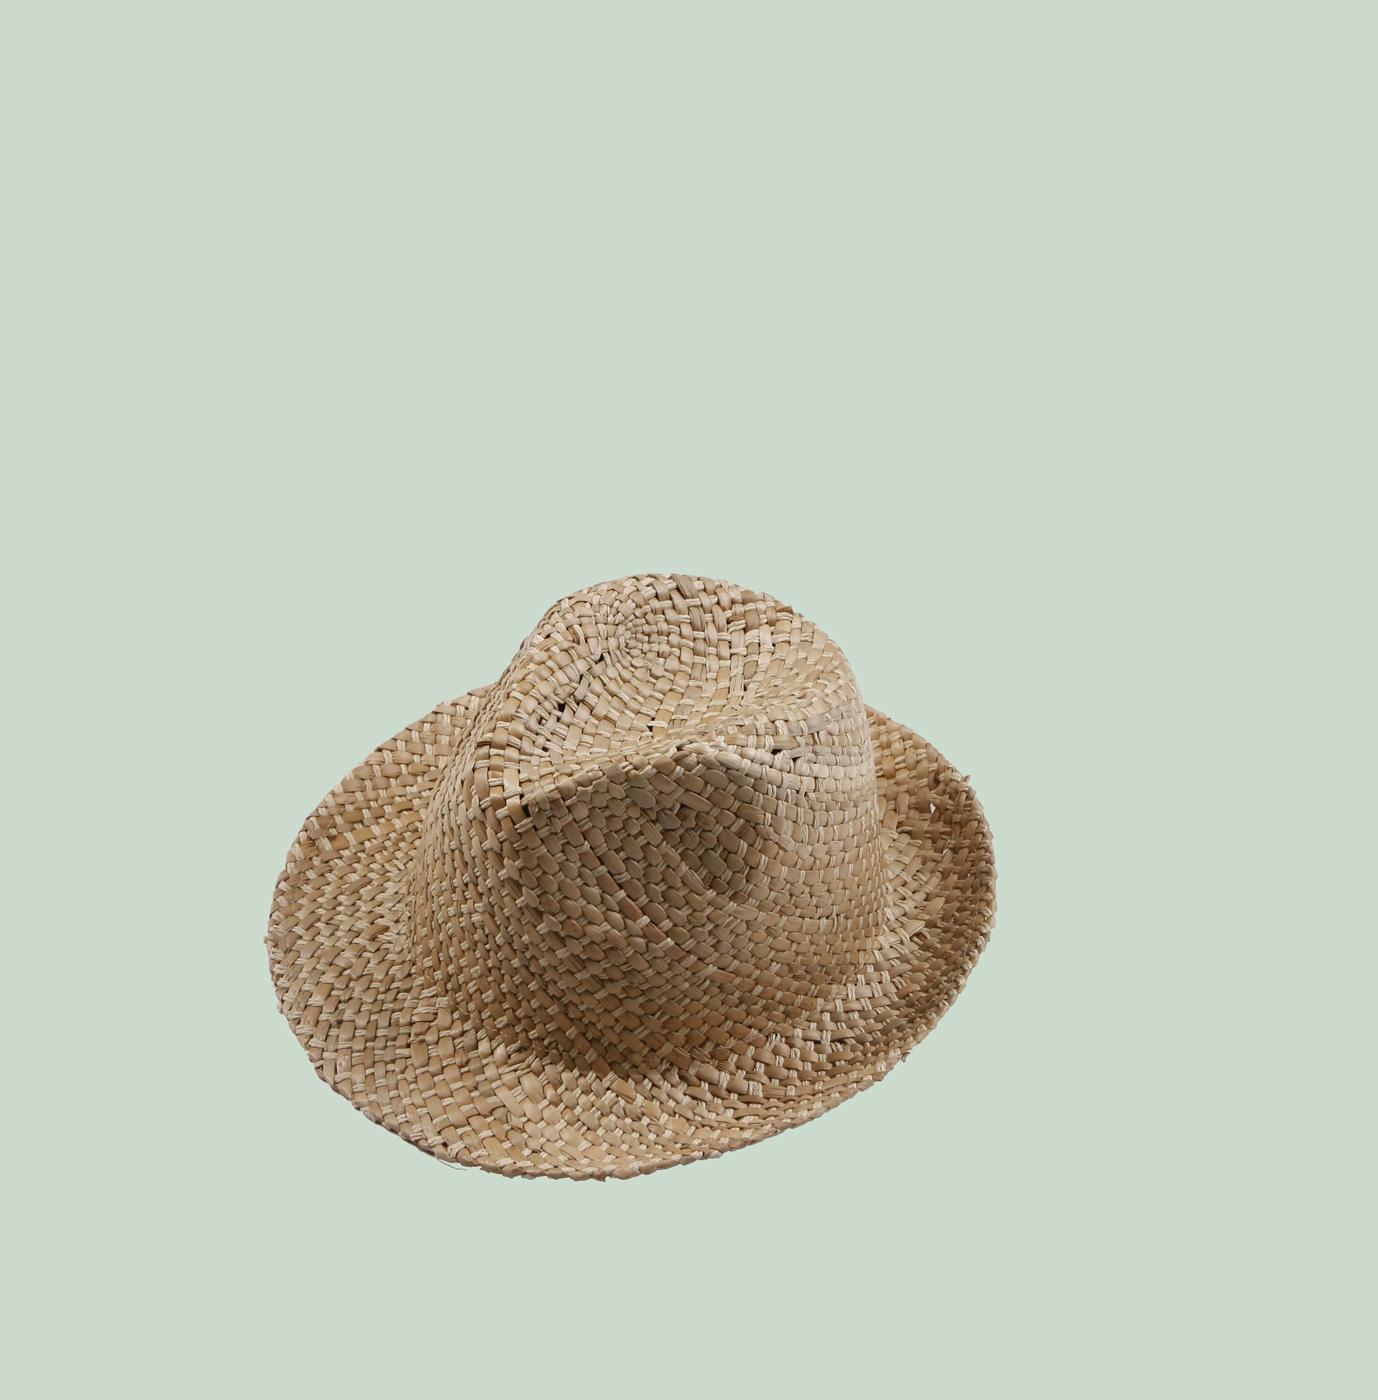 Dámský slaměný klobouk prošívaný Kbas béžový 255214-3 83775bbdee